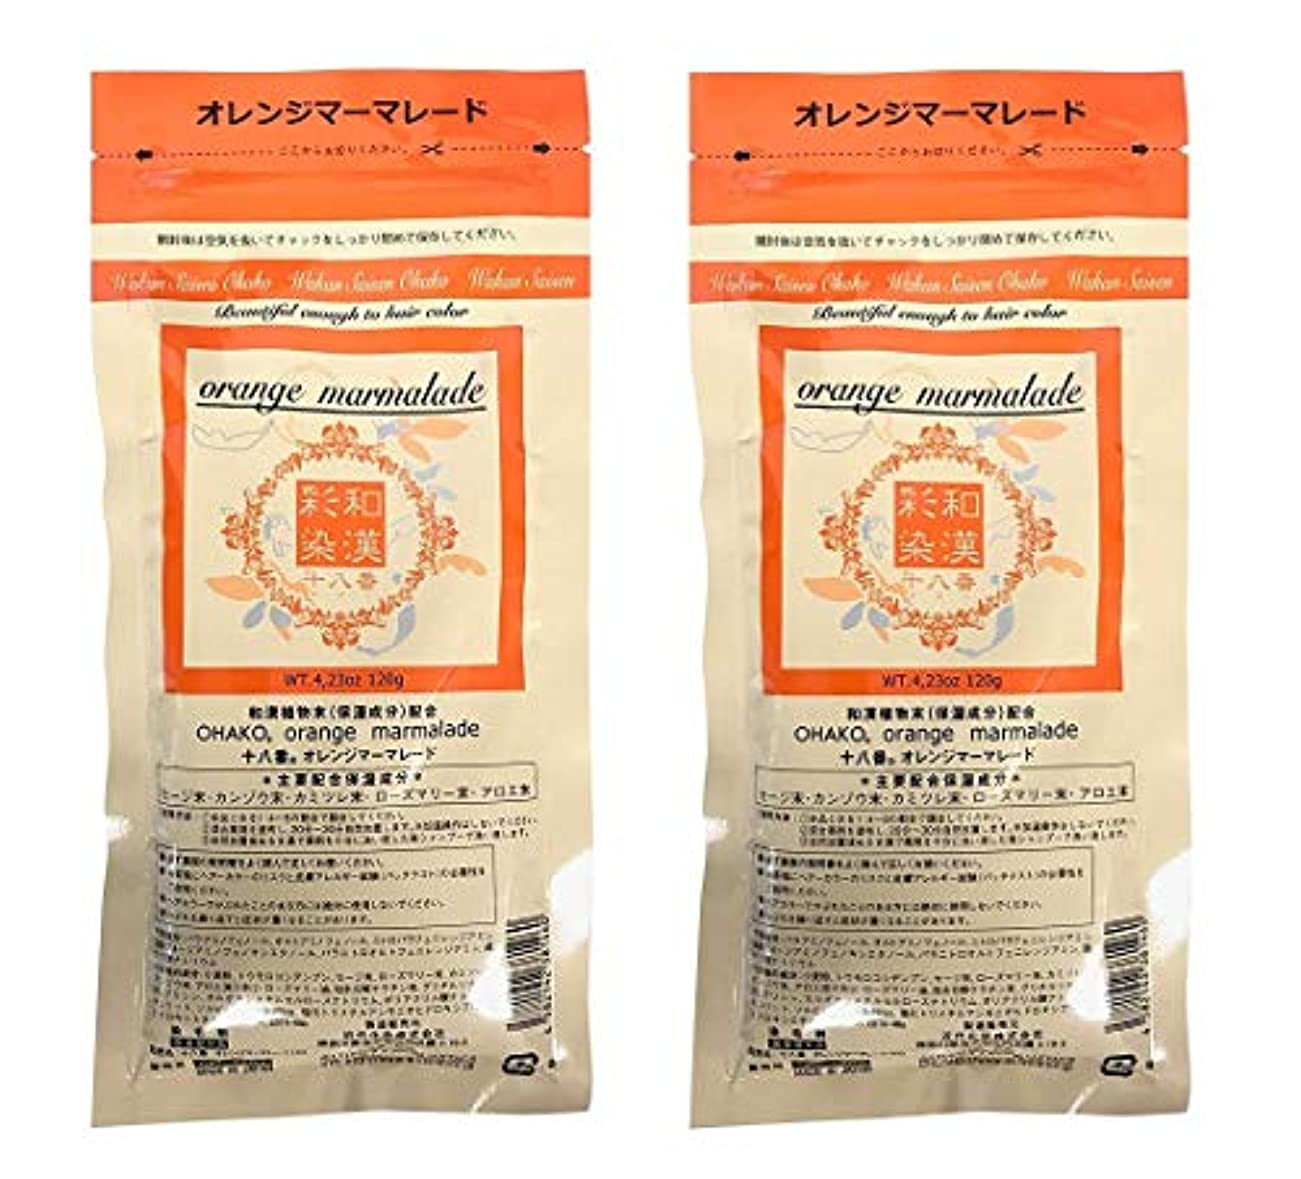 差別するくちばしシャッター【2個セット】グランデックス 和漢彩染 十八番 120g オレンジママーレード